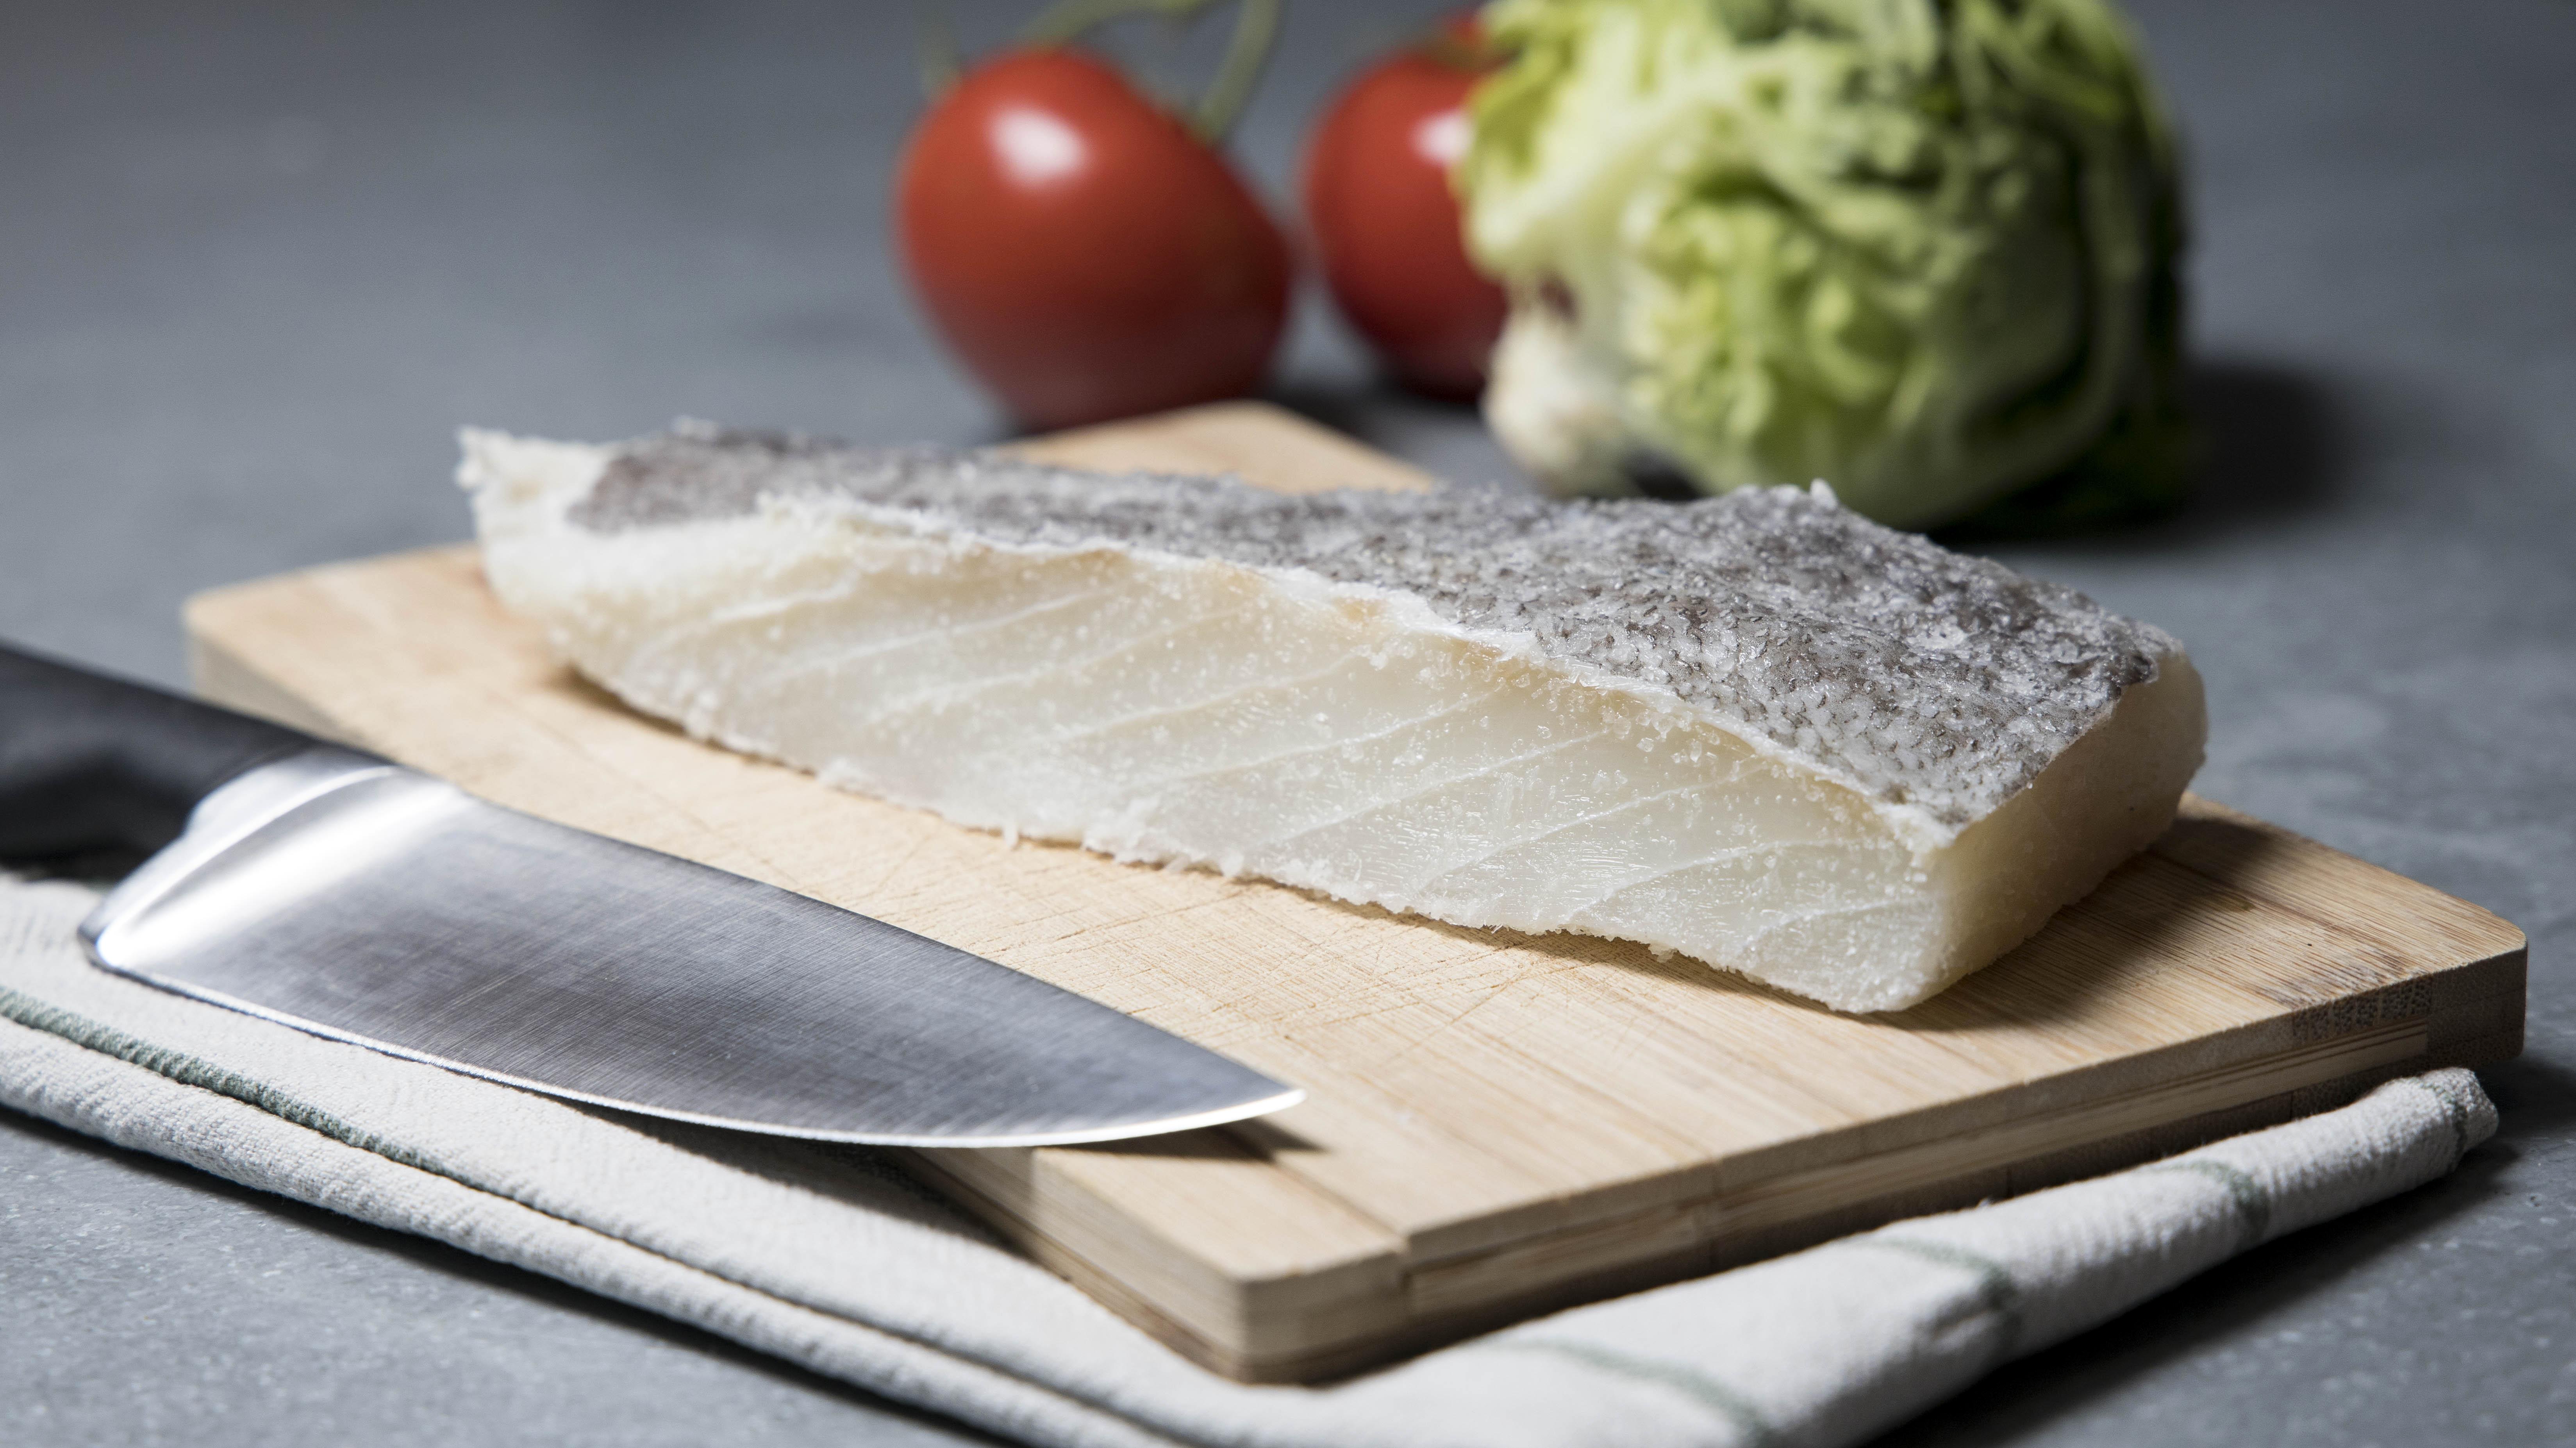 <p><strong>Риба Фуго</strong></p>  <p>Фуго е изключително опасна за приготвяне и консумация риба. Японските готвачи преминават през години обучени, за да получат лиценз за приготвянето и въпреки това, всяка година умират хора от неправилно приготвена фуго. Рибата съдържа изключително смъртоносен невротоксин, който парализира двигателните нерви и може да причини спиране на дихателните функции и смърт.&nbsp;</p>